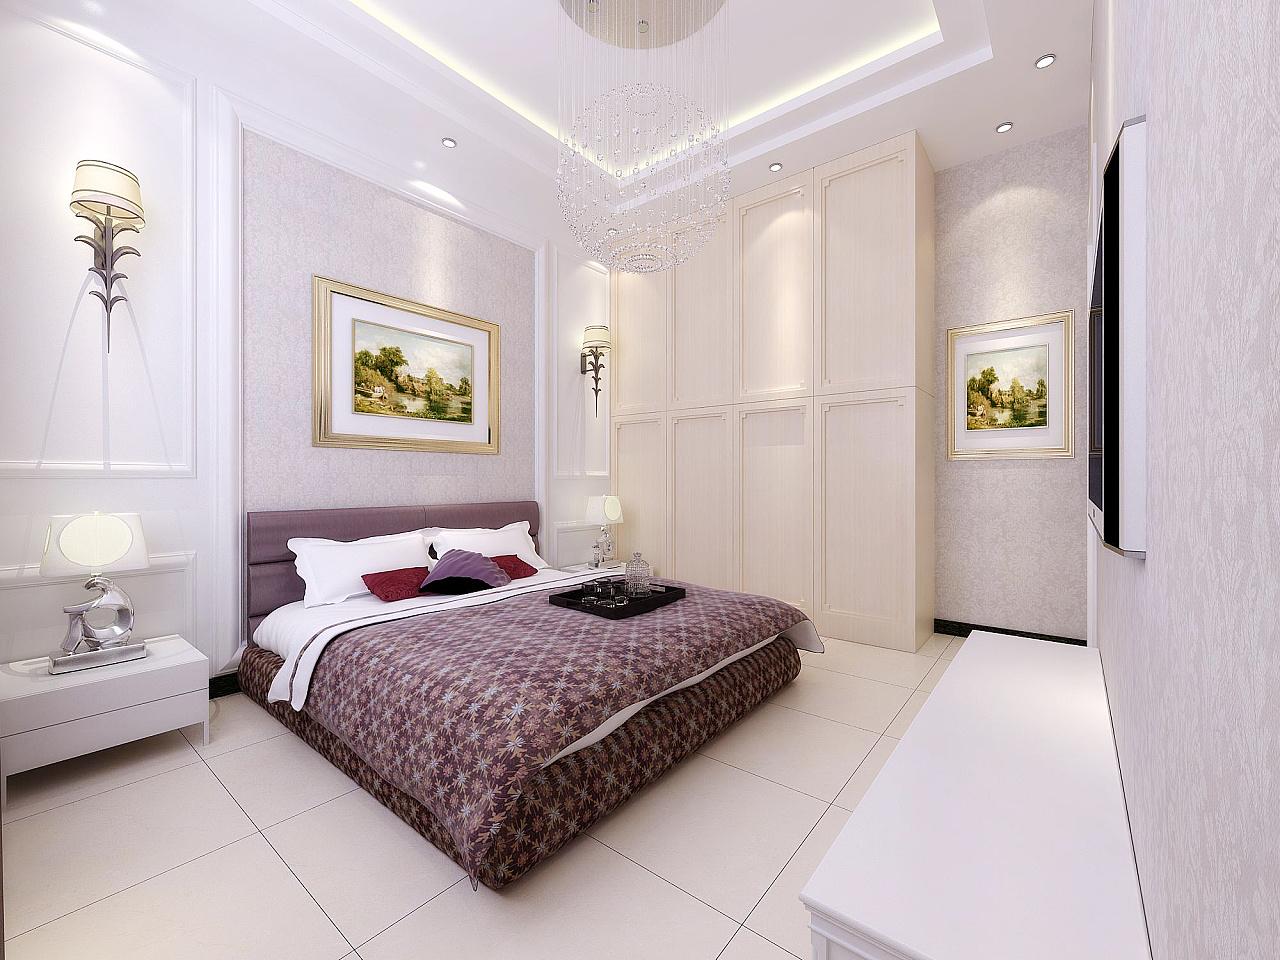 室内设计|空间|室内设计|zhenzhen610 - 原创作品图片